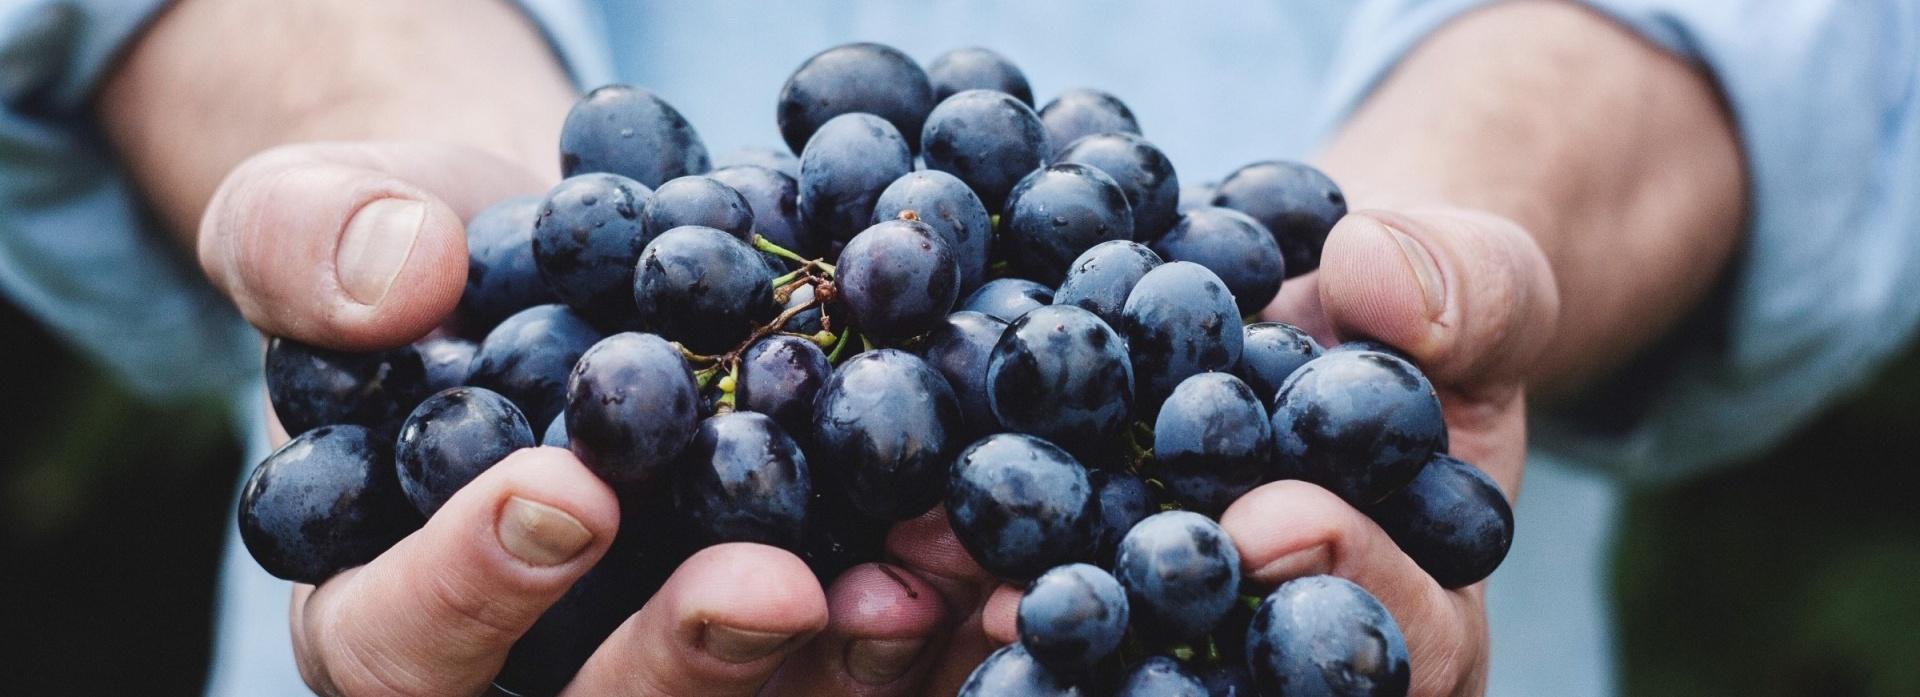 vin, dégustation, évènement, grape de raisin, raisin, vigneron, découverte, oenotourisme, vin ; équipe